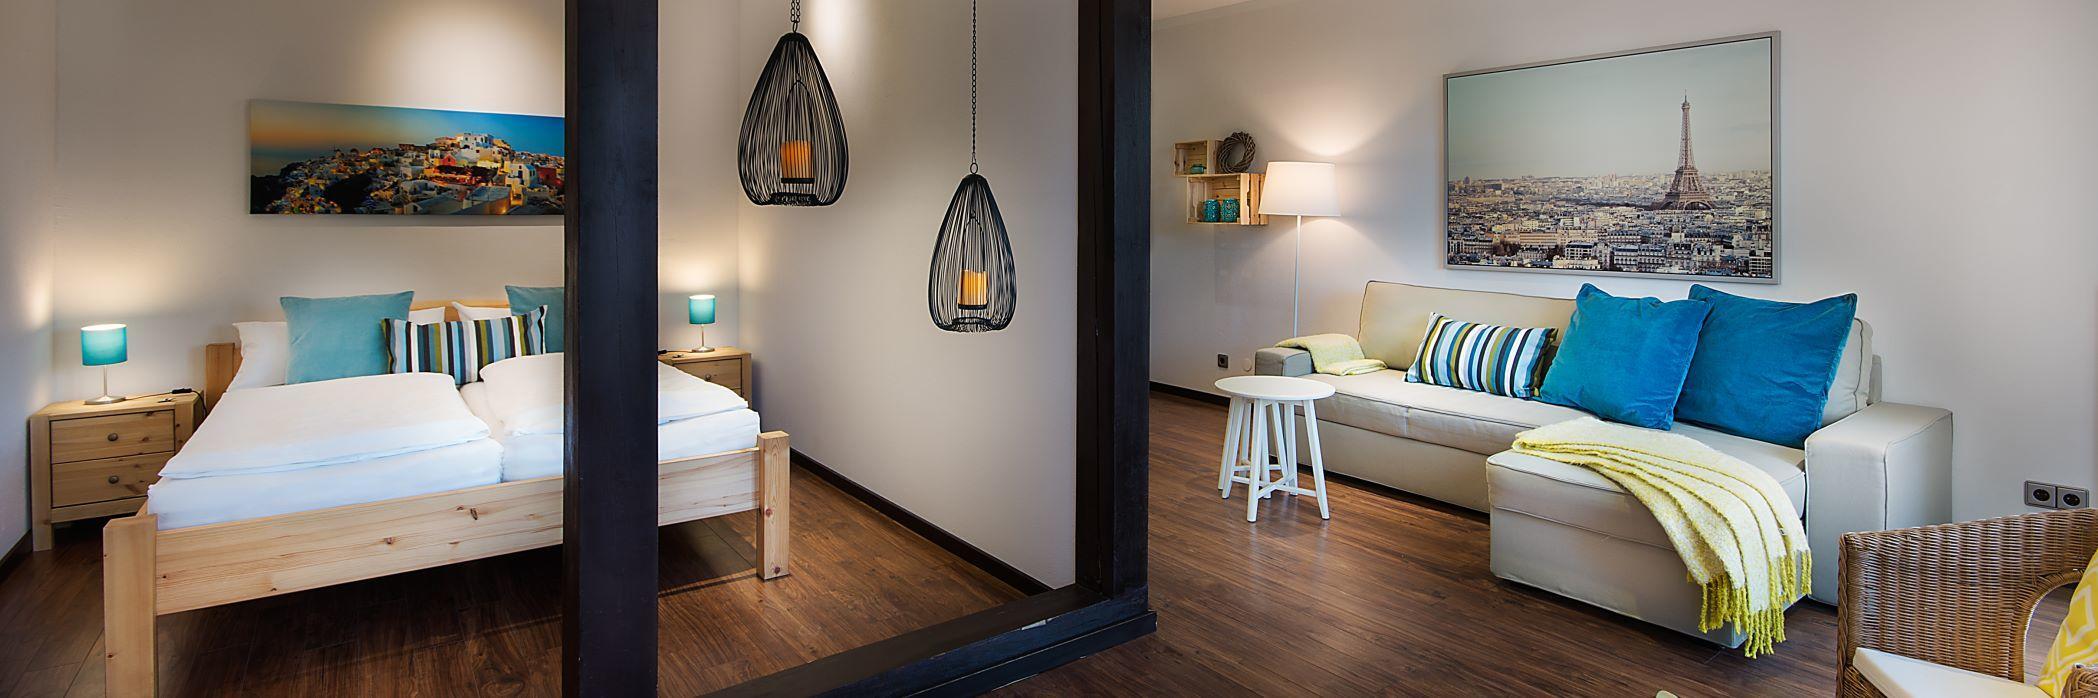 Hotel Pension Haus Biederstaedt Ottersberg